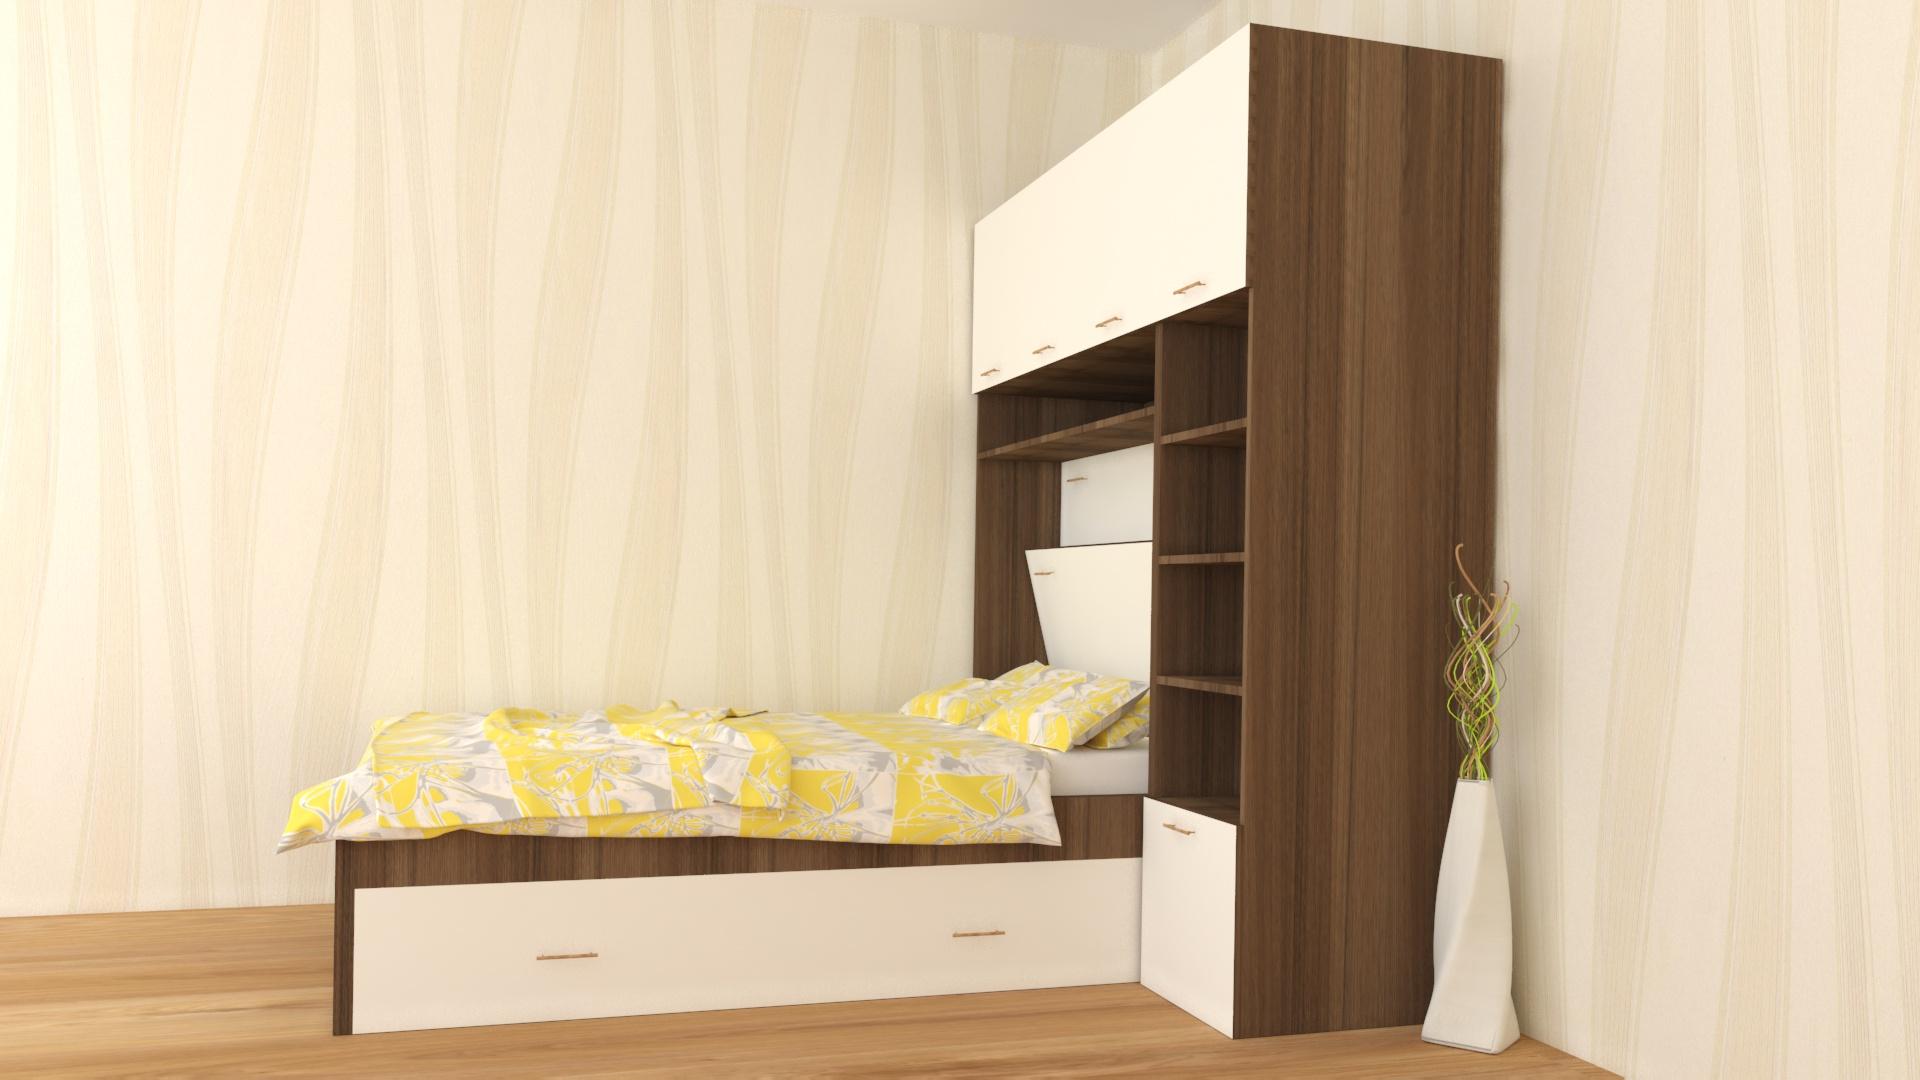 Вградена спалня с гардероб и етажерка_страничен поглед